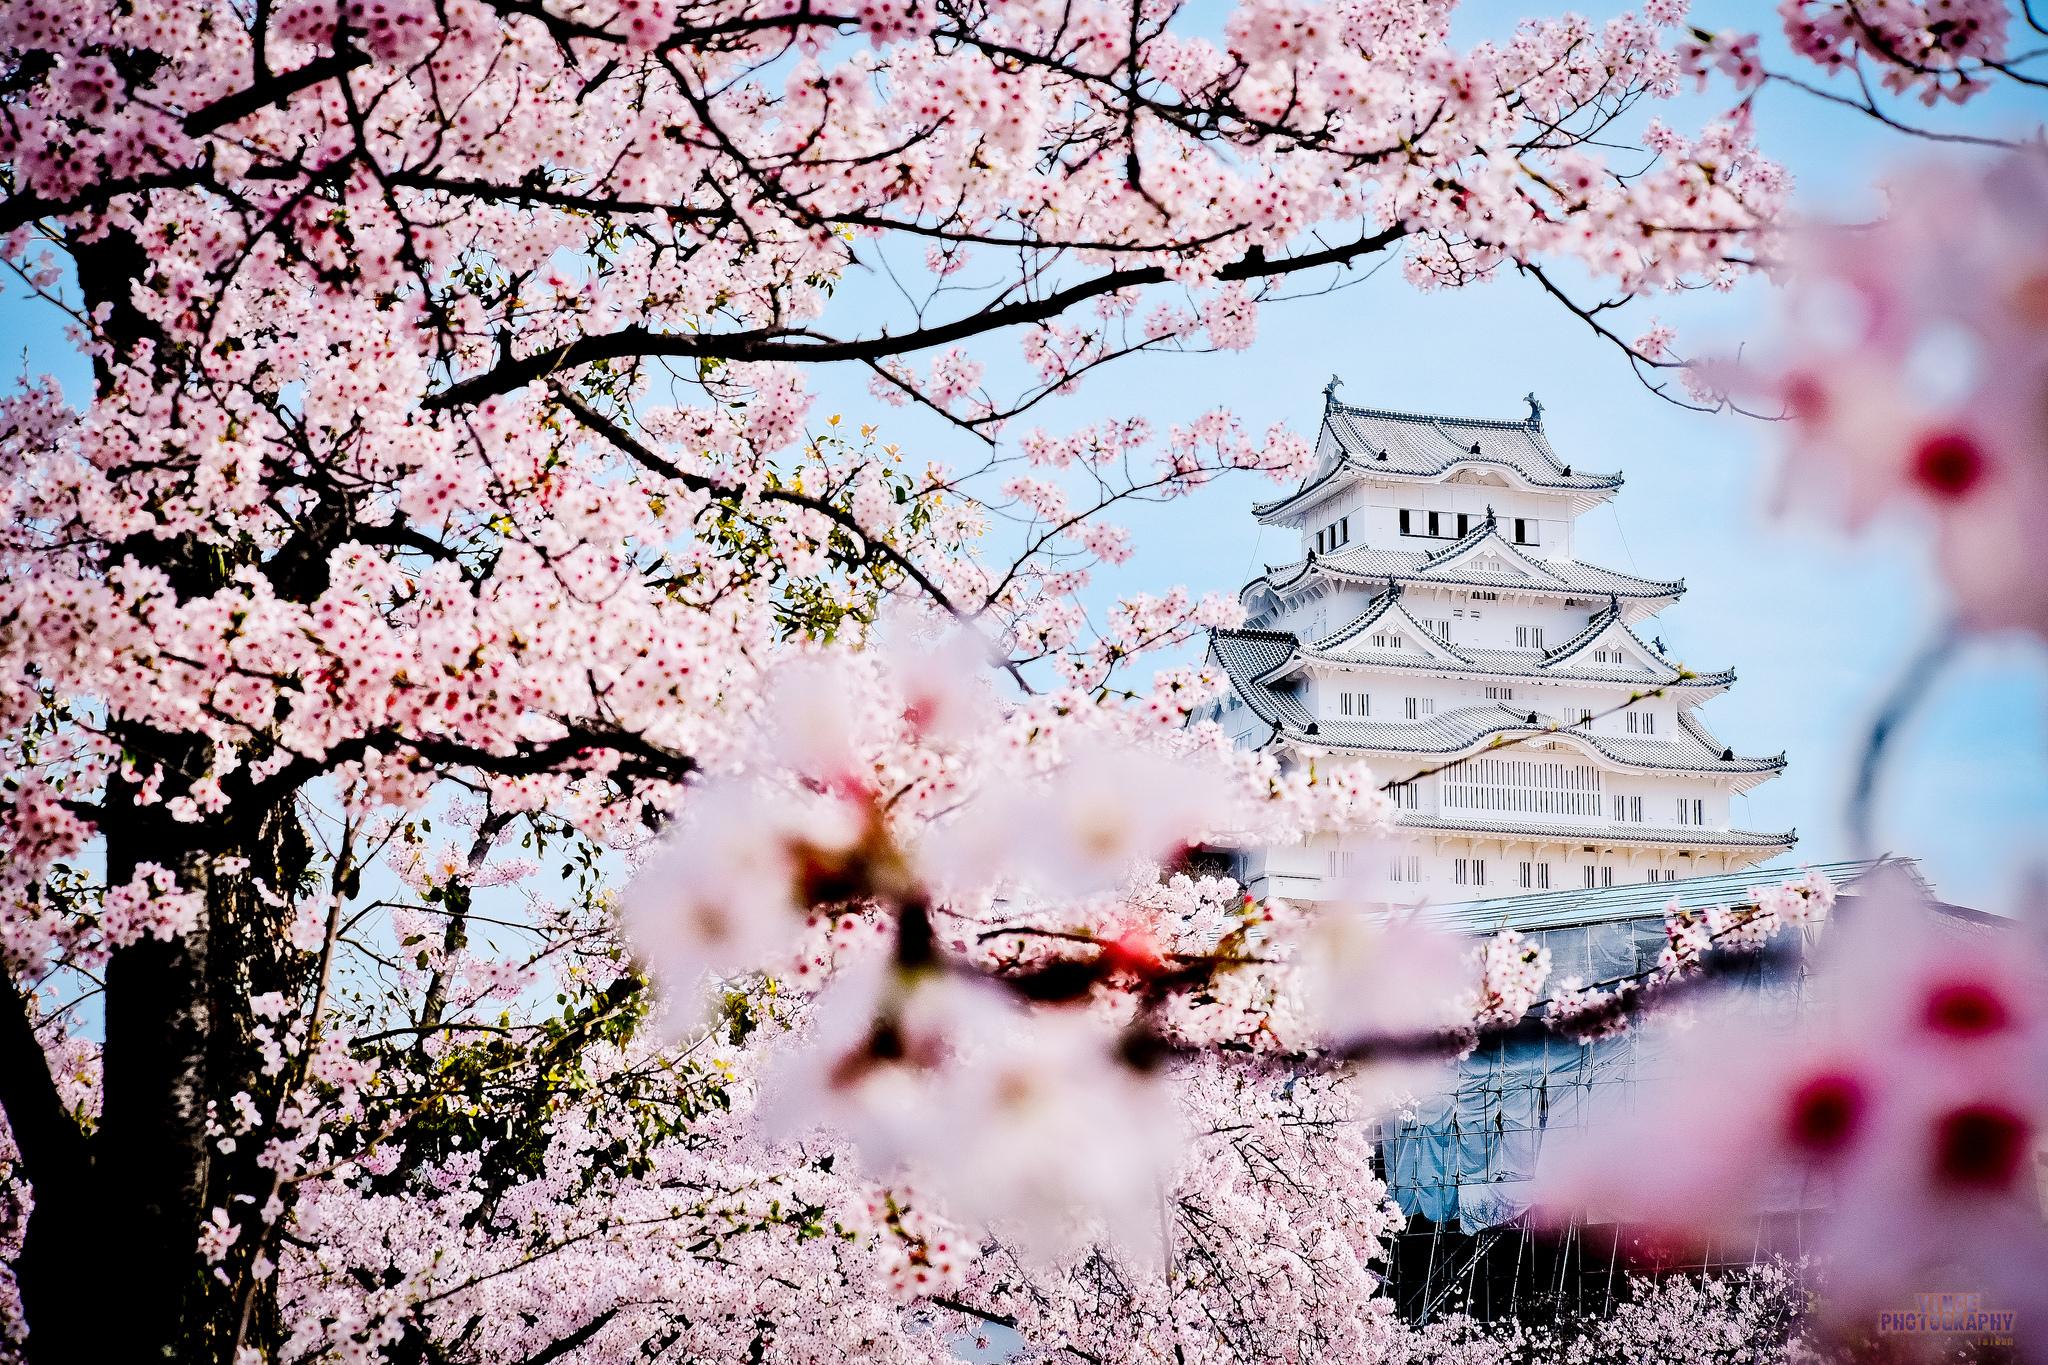 коленного картинка пагода и сакура сеансы